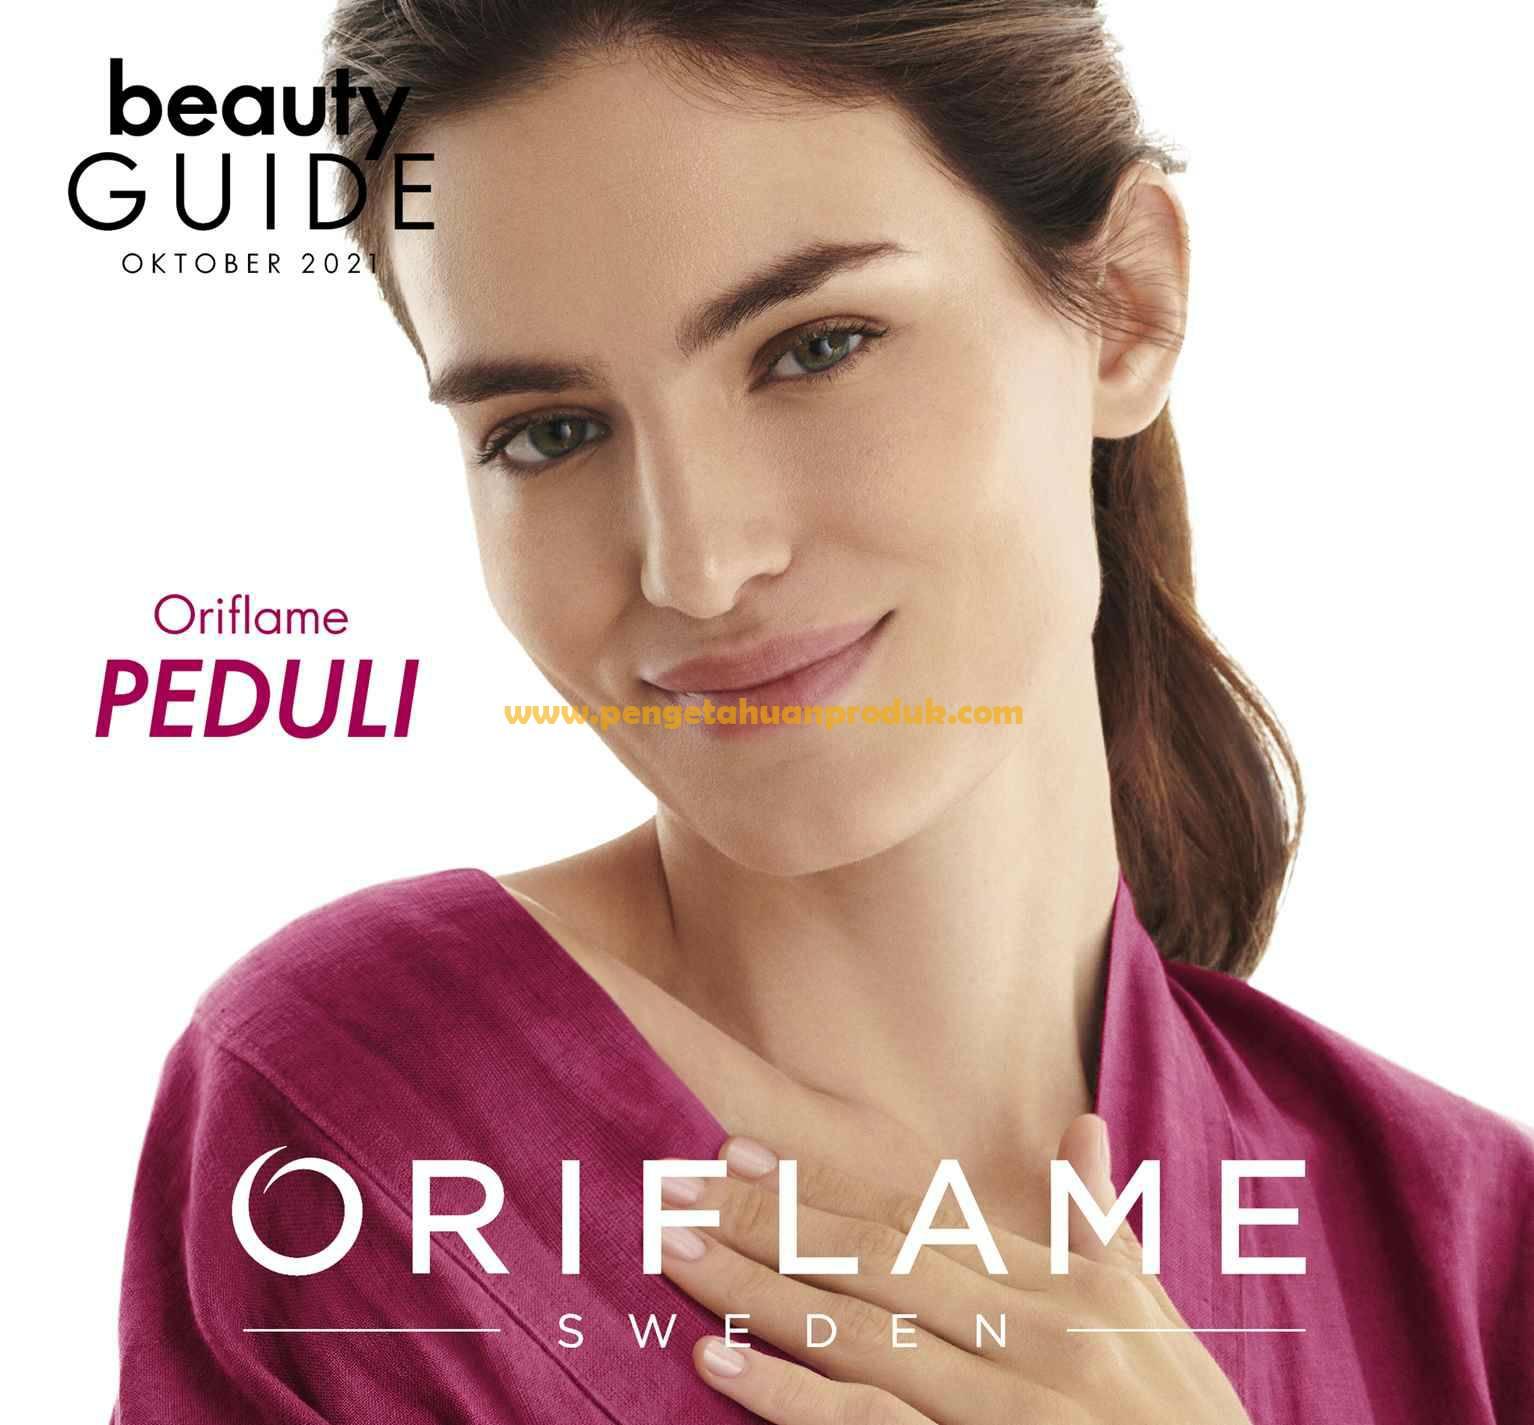 Katalog Harga Promo Oriflame Oktober 2021